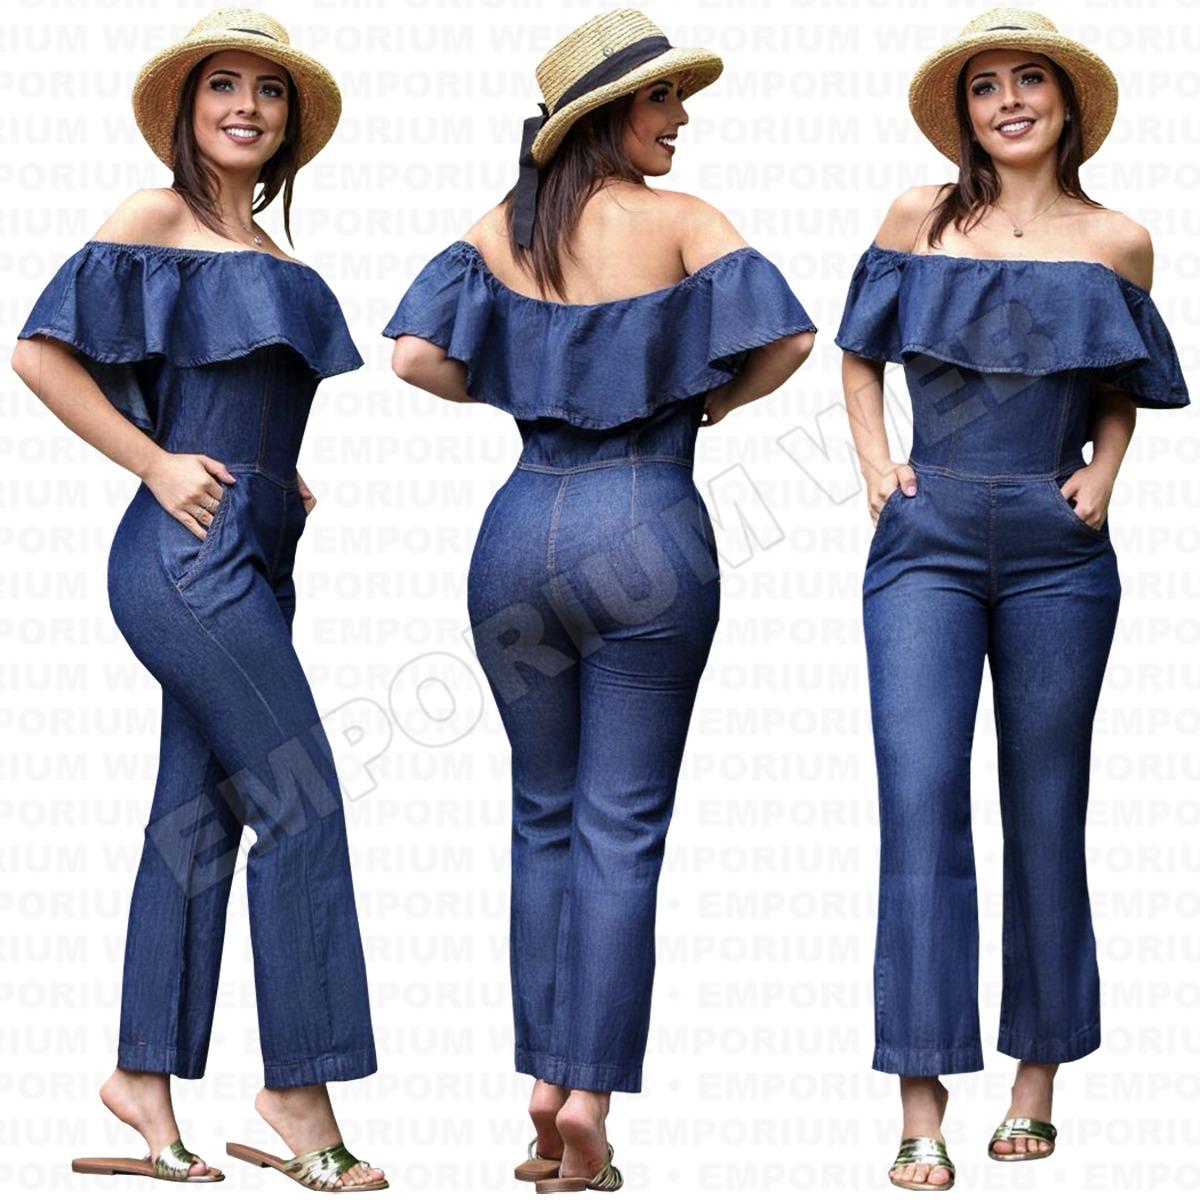 ef51f39cd6 macacão jeans feminino ciganinha tendência moda blogueira. Carregando zoom.